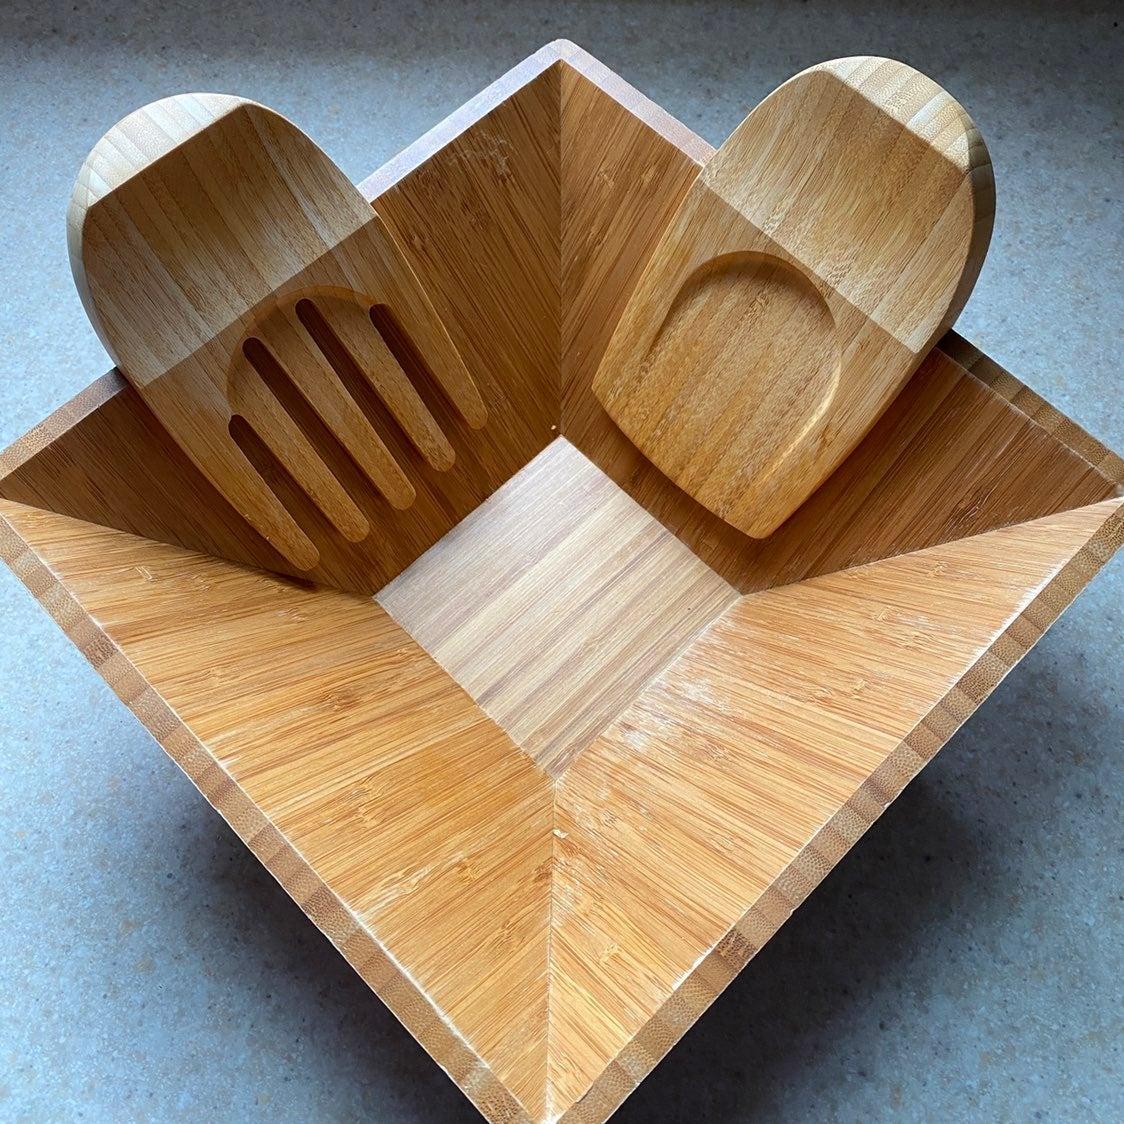 Pampered Chef Bamboo Bowl & Tongs